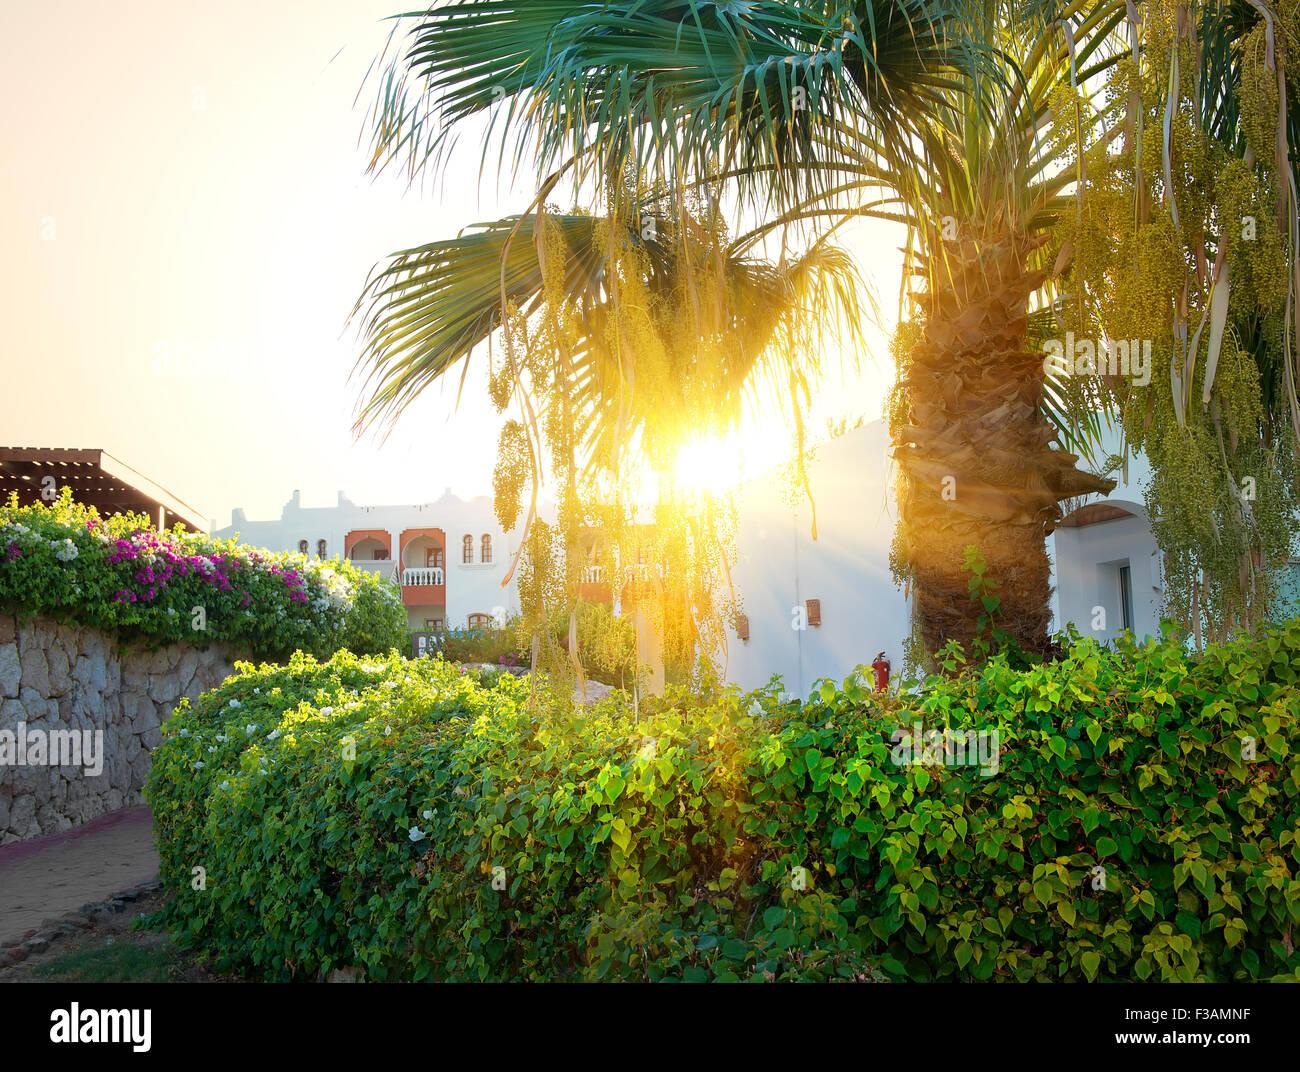 Bright sunrise over resort hotel in Egypt - Stock Image